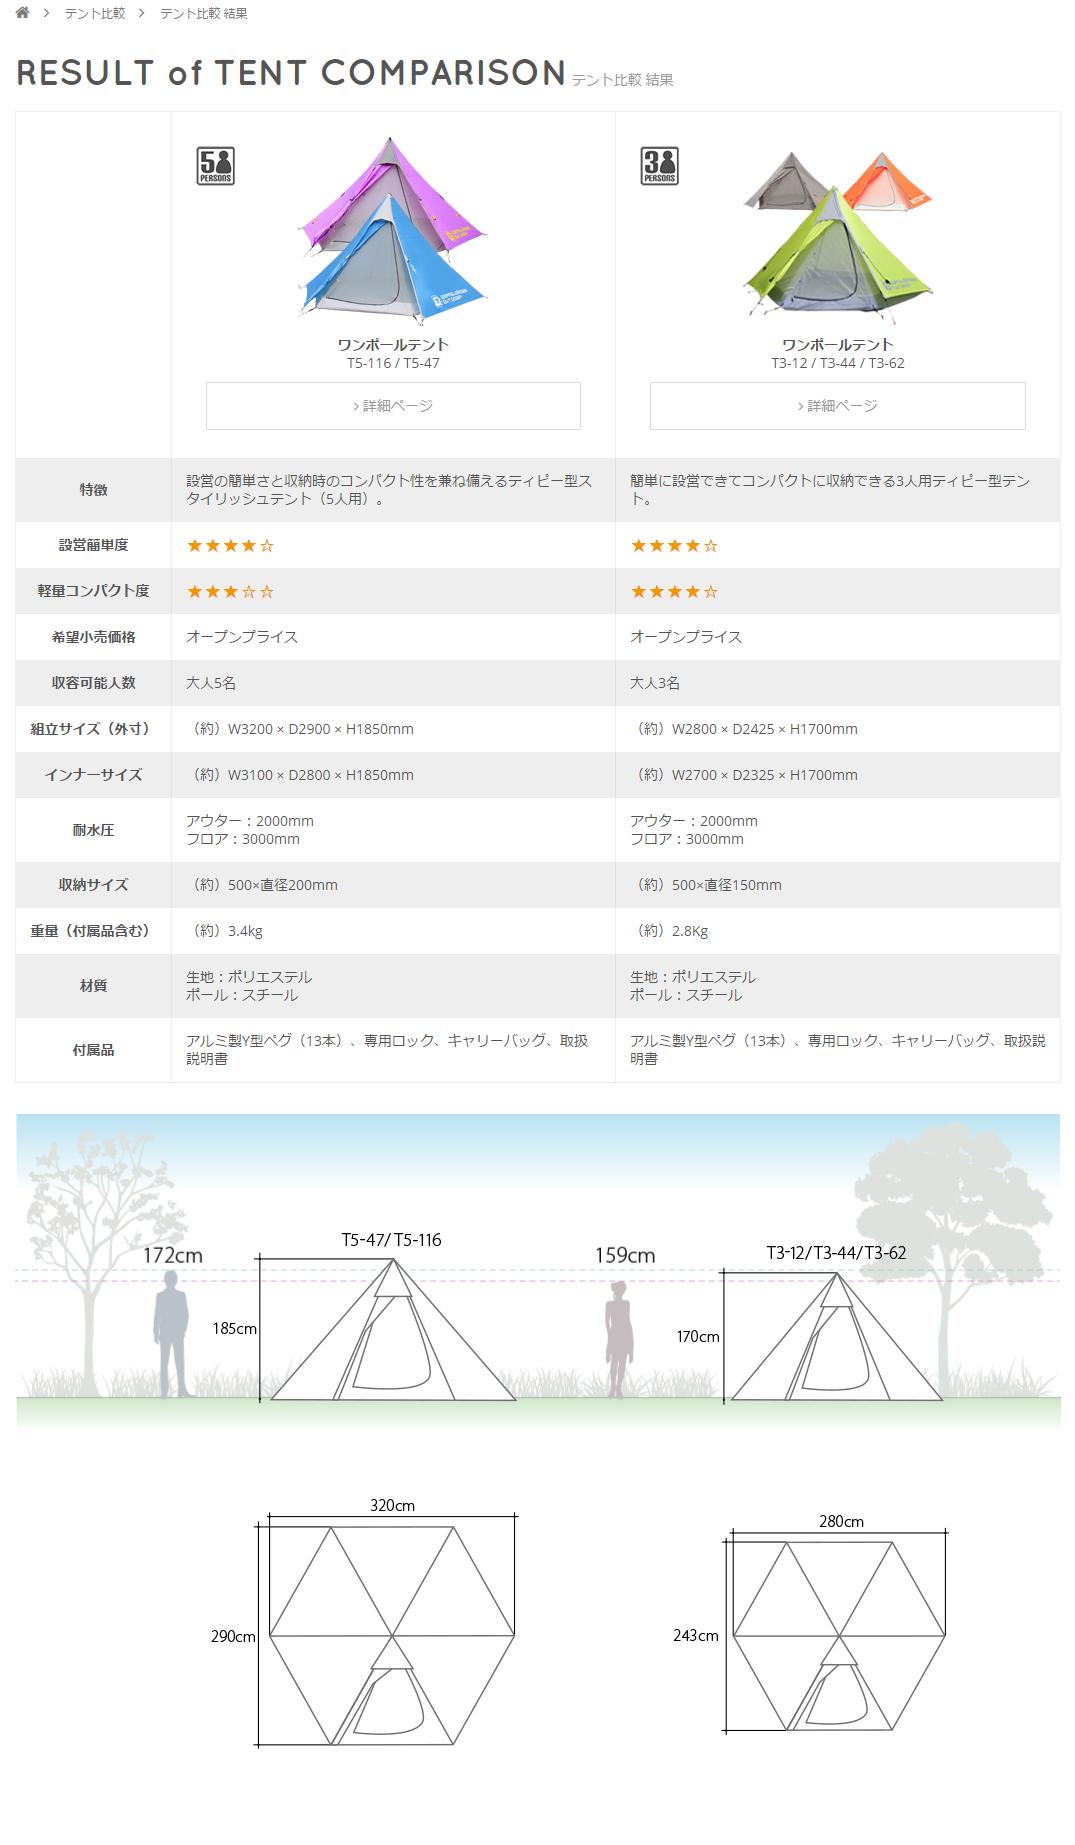 テント比較表の例